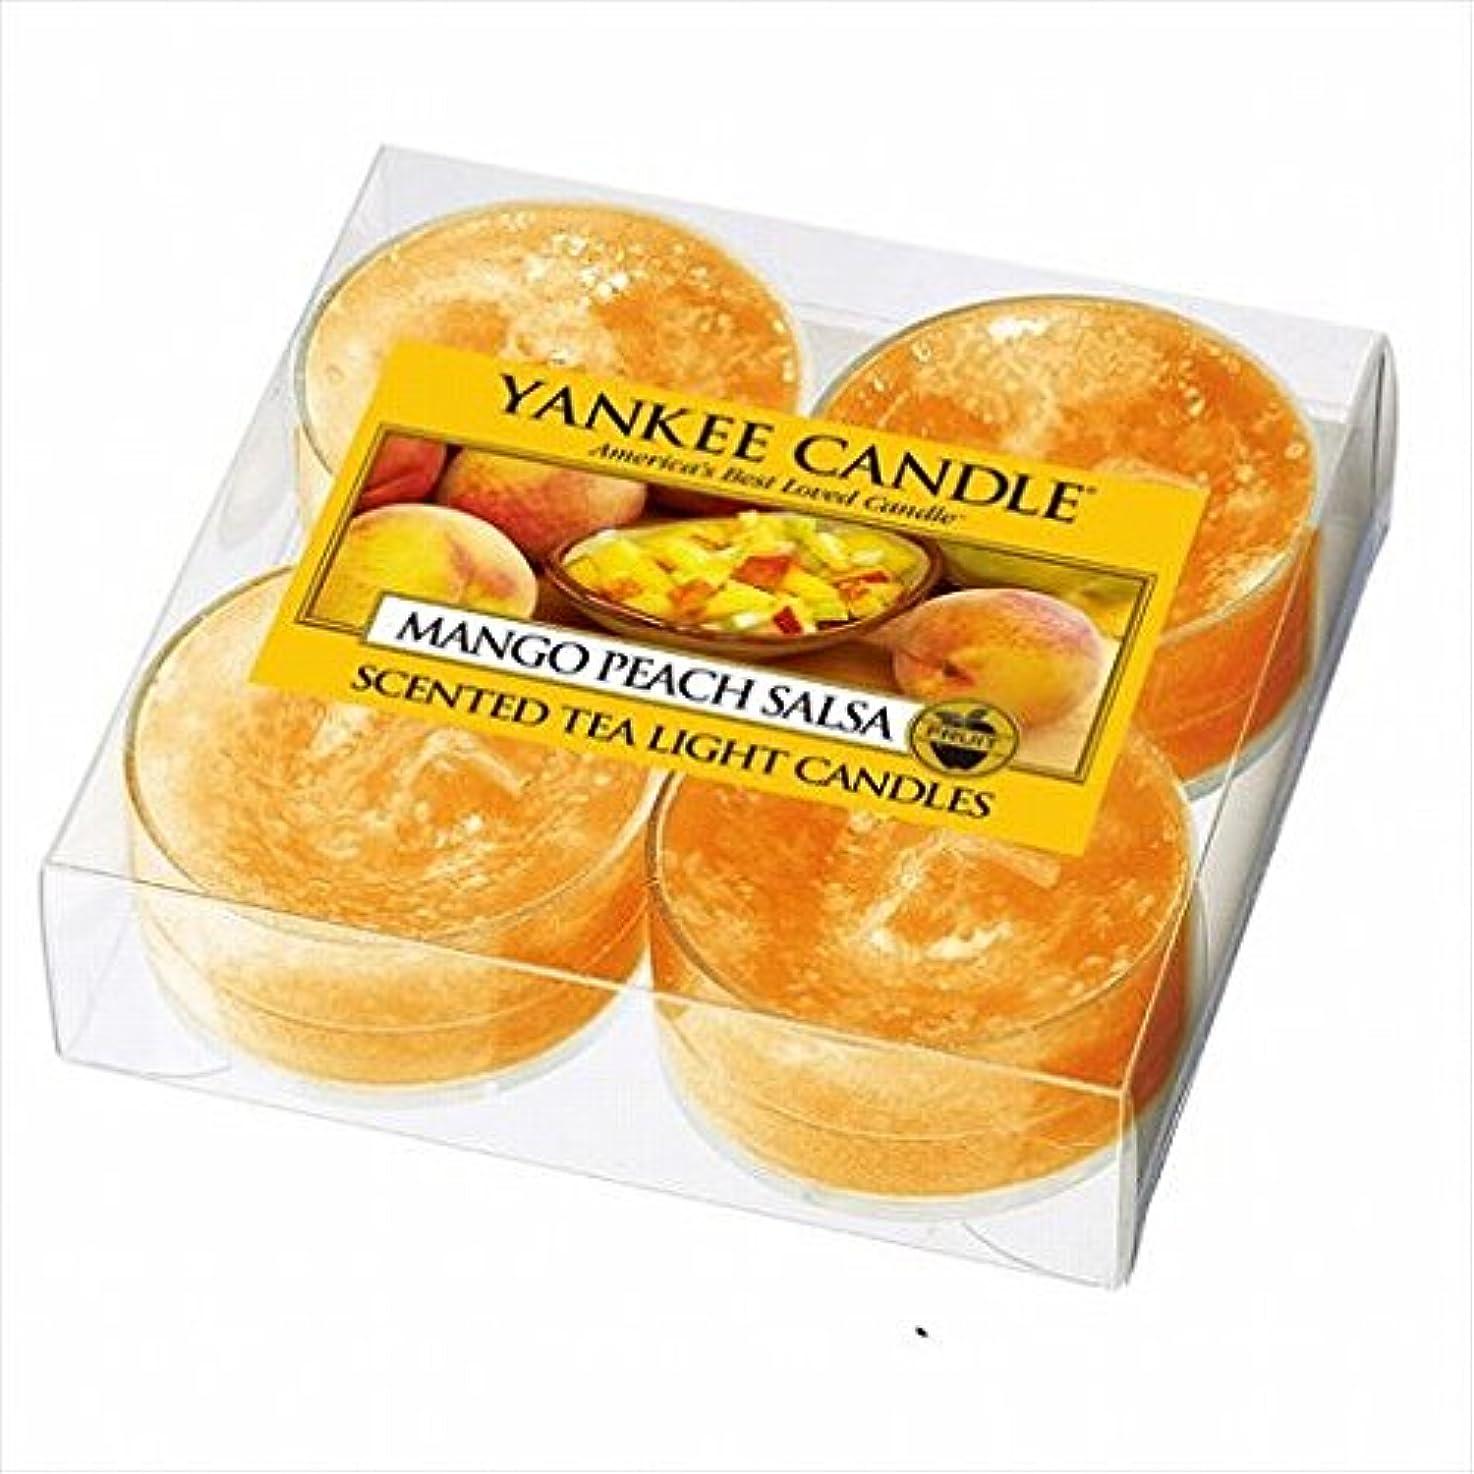 シェード誰かデッキカメヤマキャンドル( kameyama candle ) YANKEE CANDLE クリアカップティーライト4個入り 「 マンゴーピーチサルサ 」